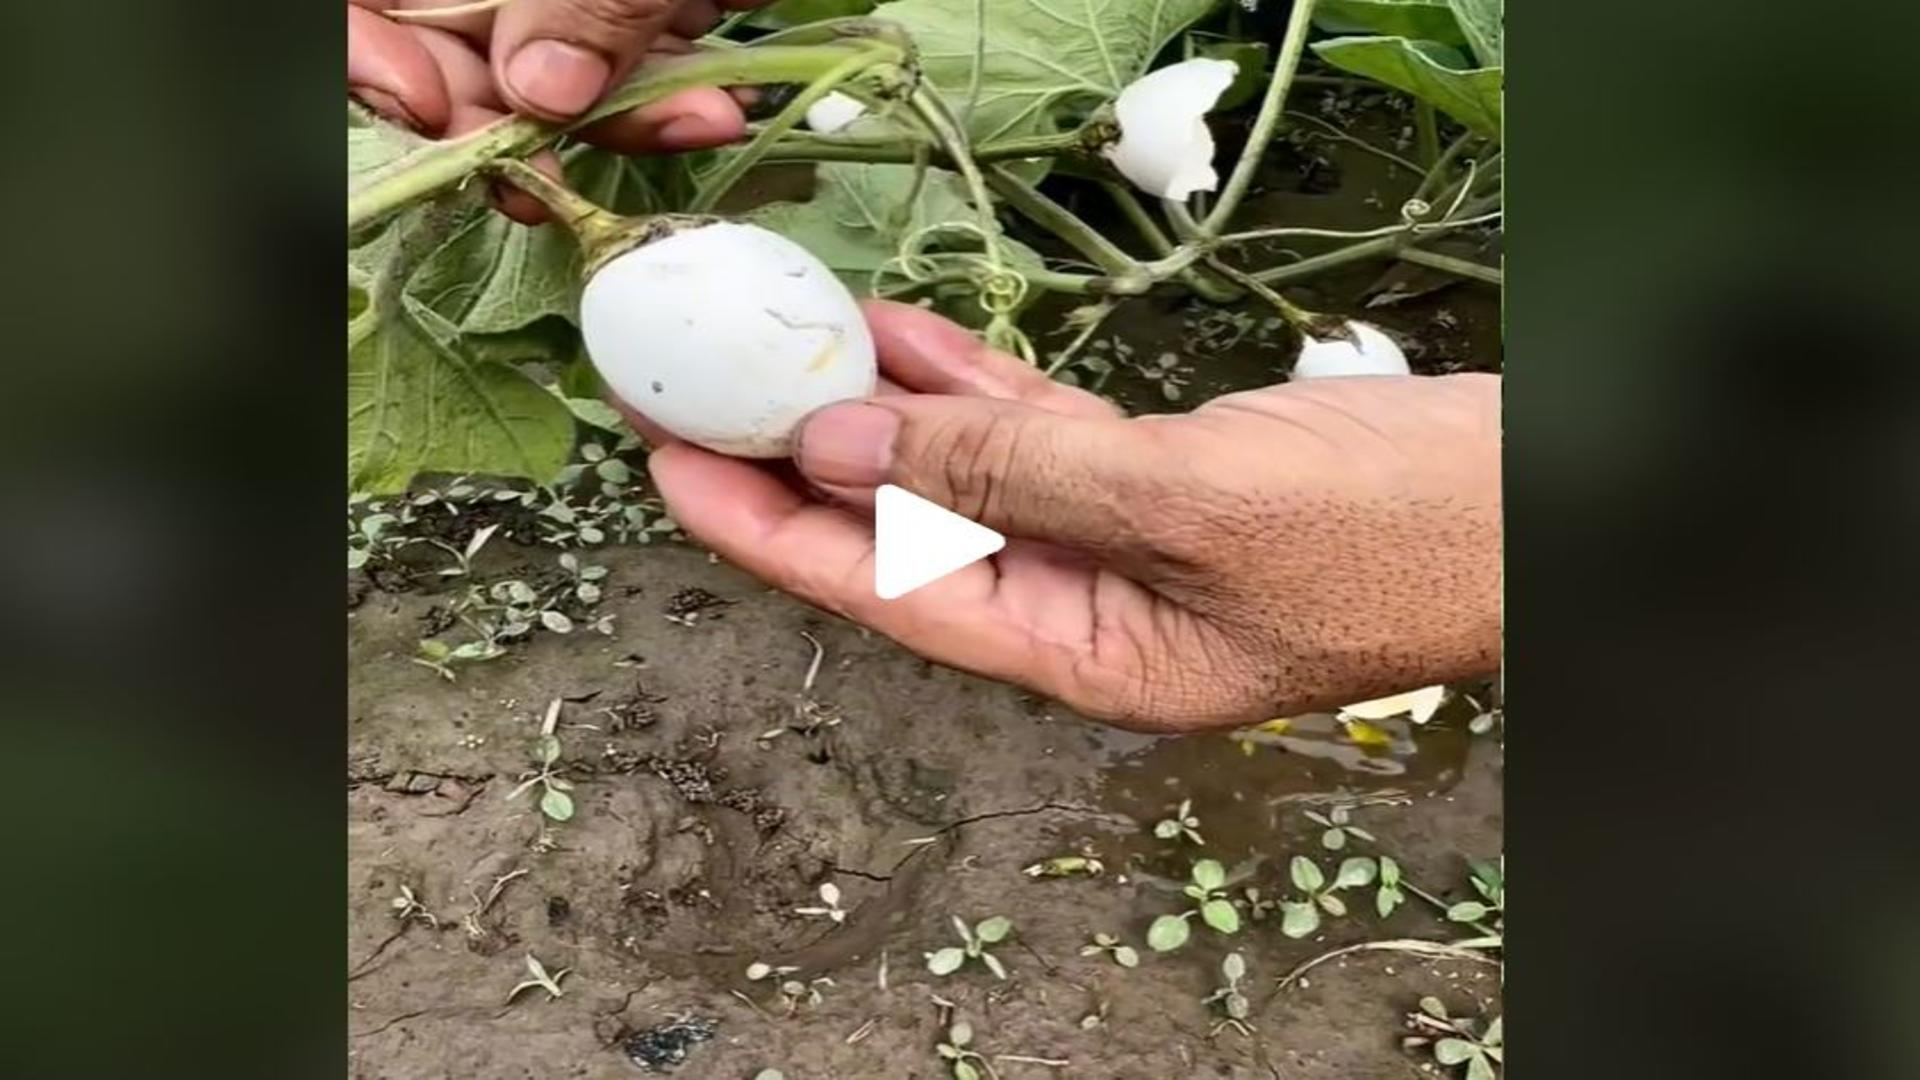 VIDEO – Oul vegetal care crește dintr-o plantă și se adună de pe câmp – Imaginile care au înnebunit internetul. Fake sau real?